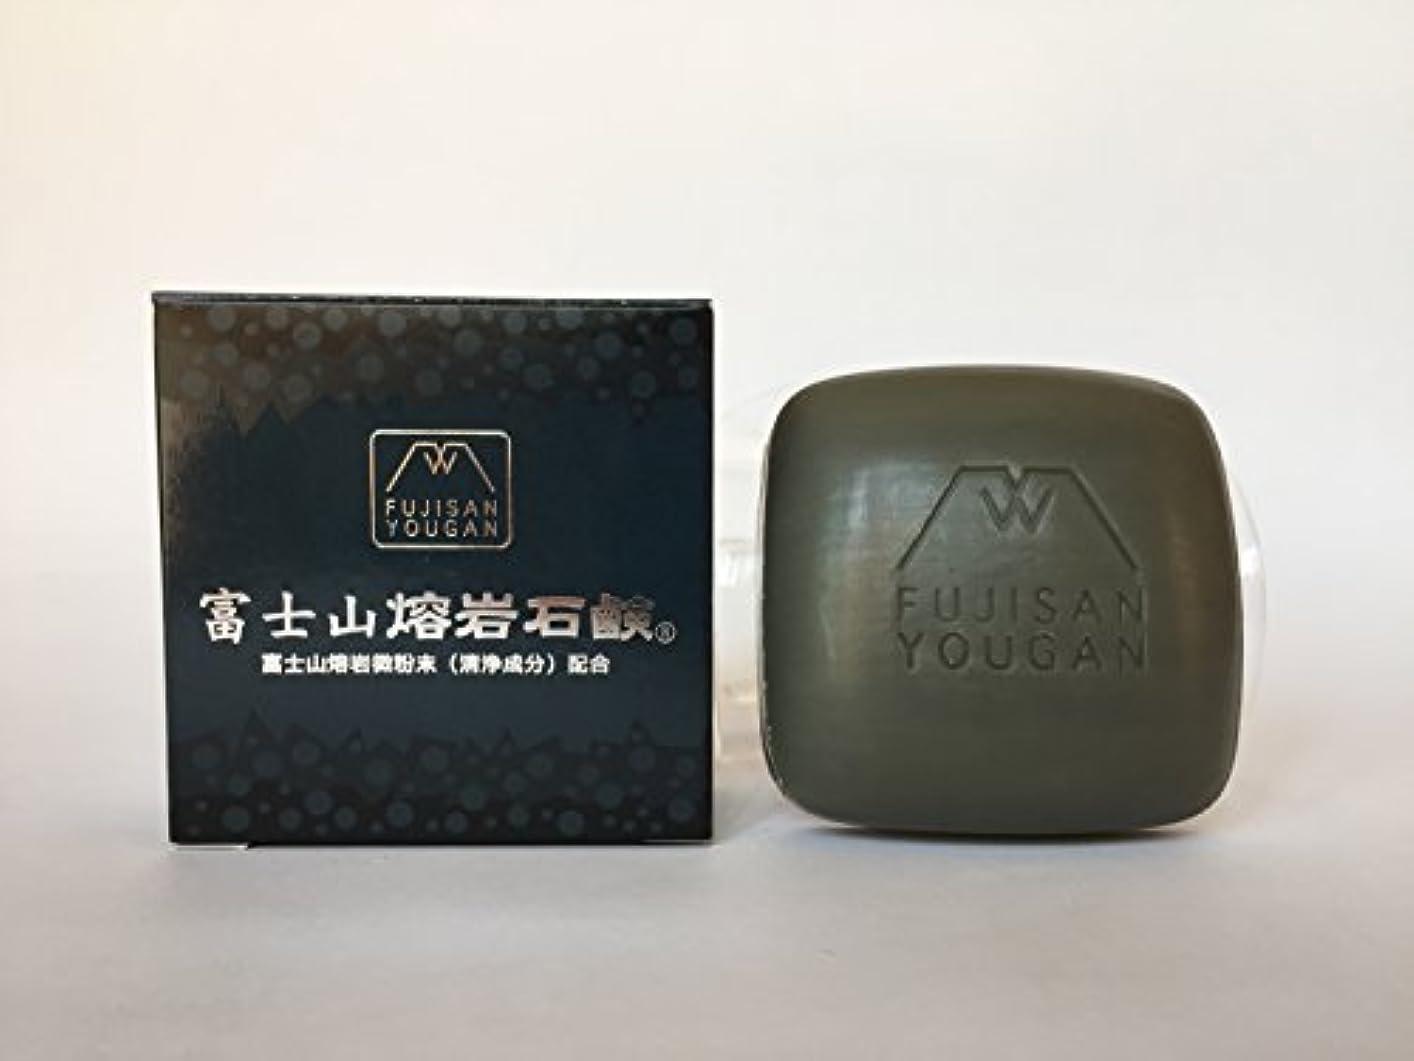 スタジアム温室単なる富士山溶岩石鹸 100g/個×2個セット